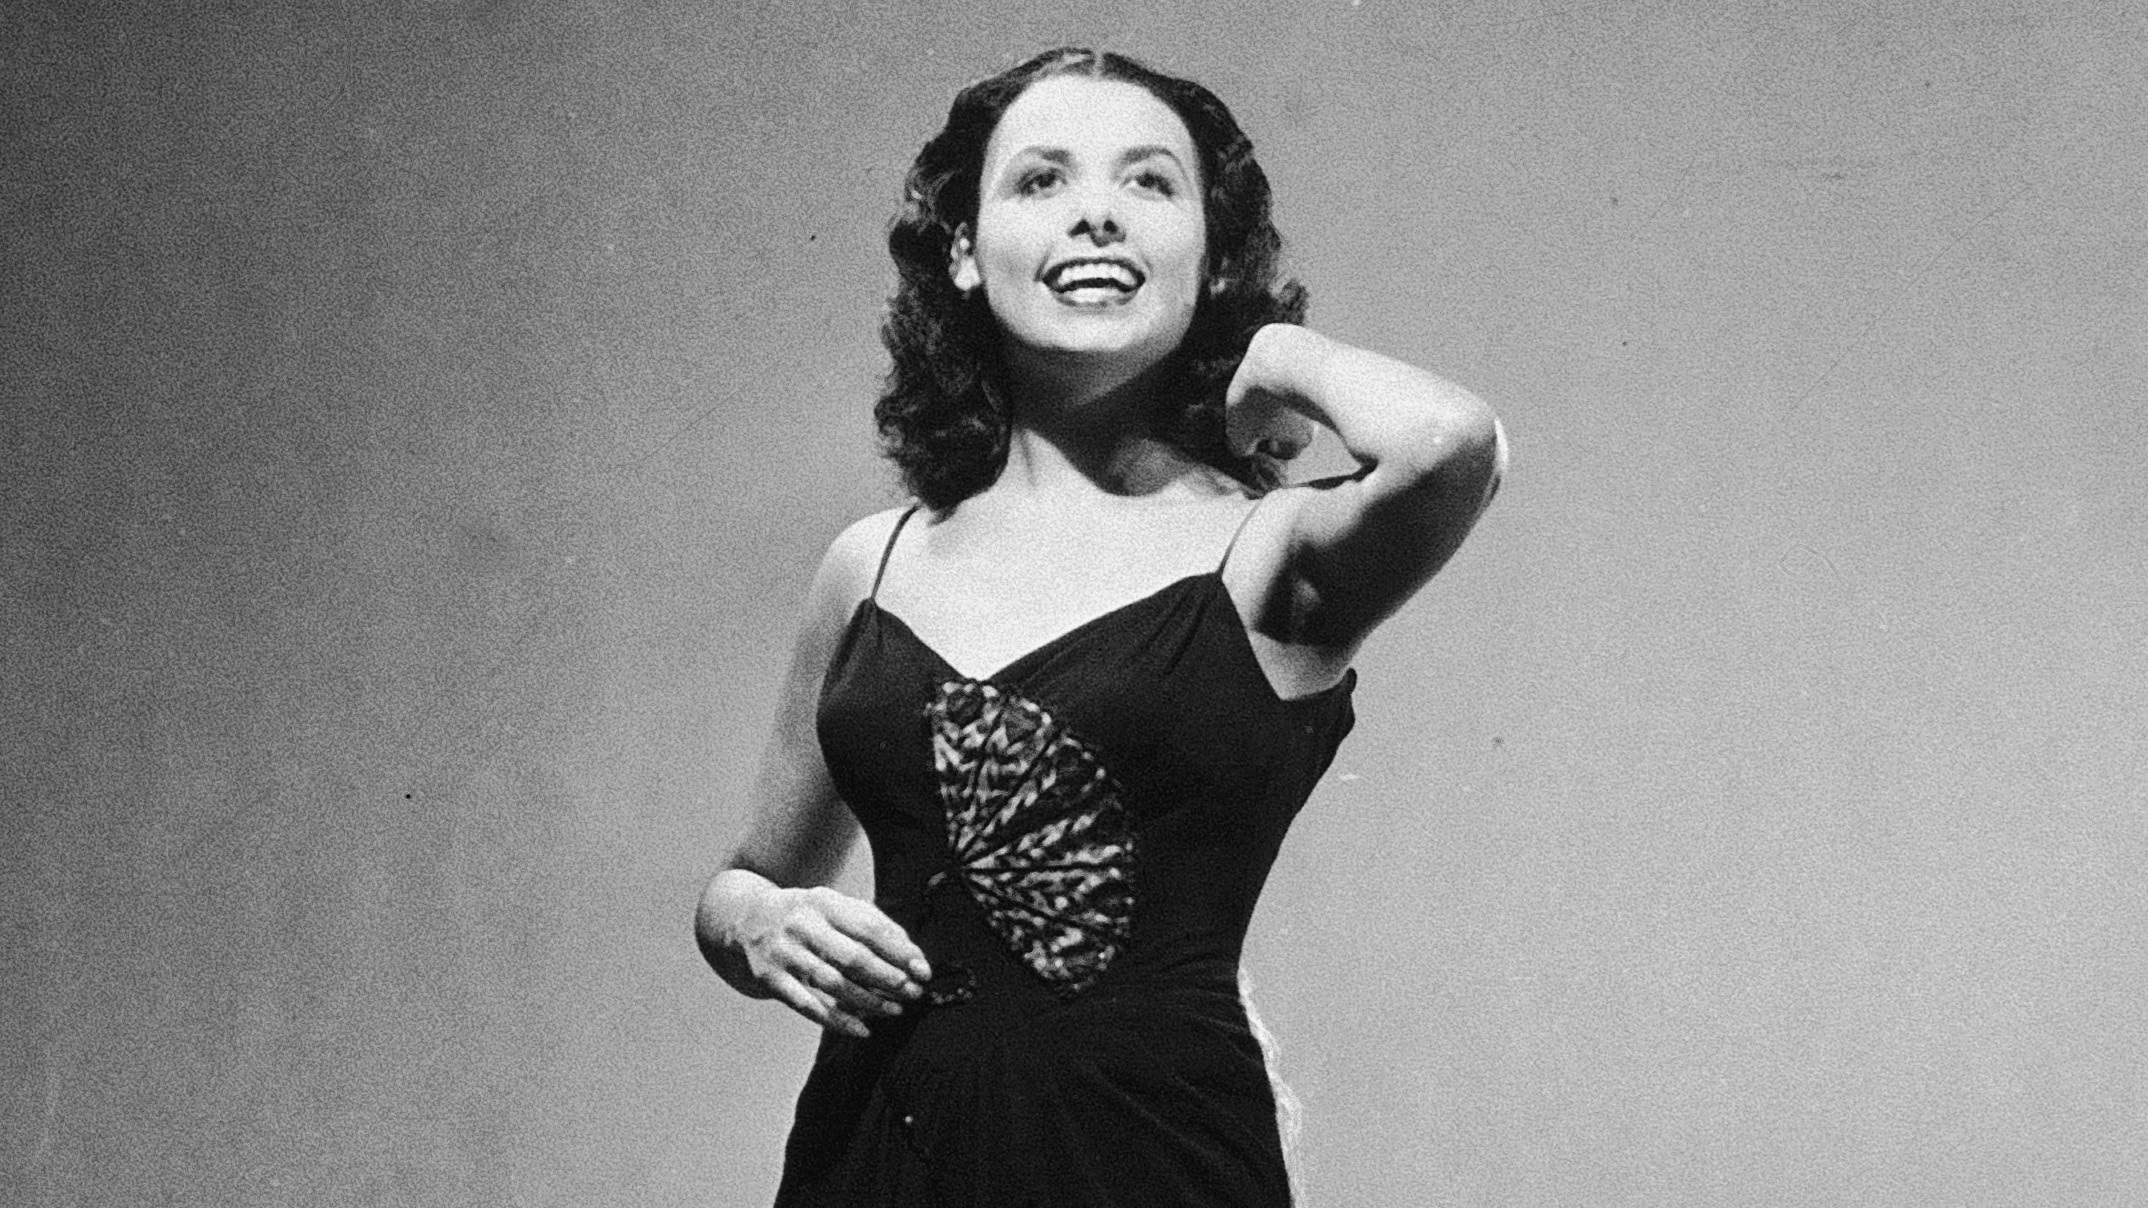 Forebears: The Endearing Grace Of Lena Horne